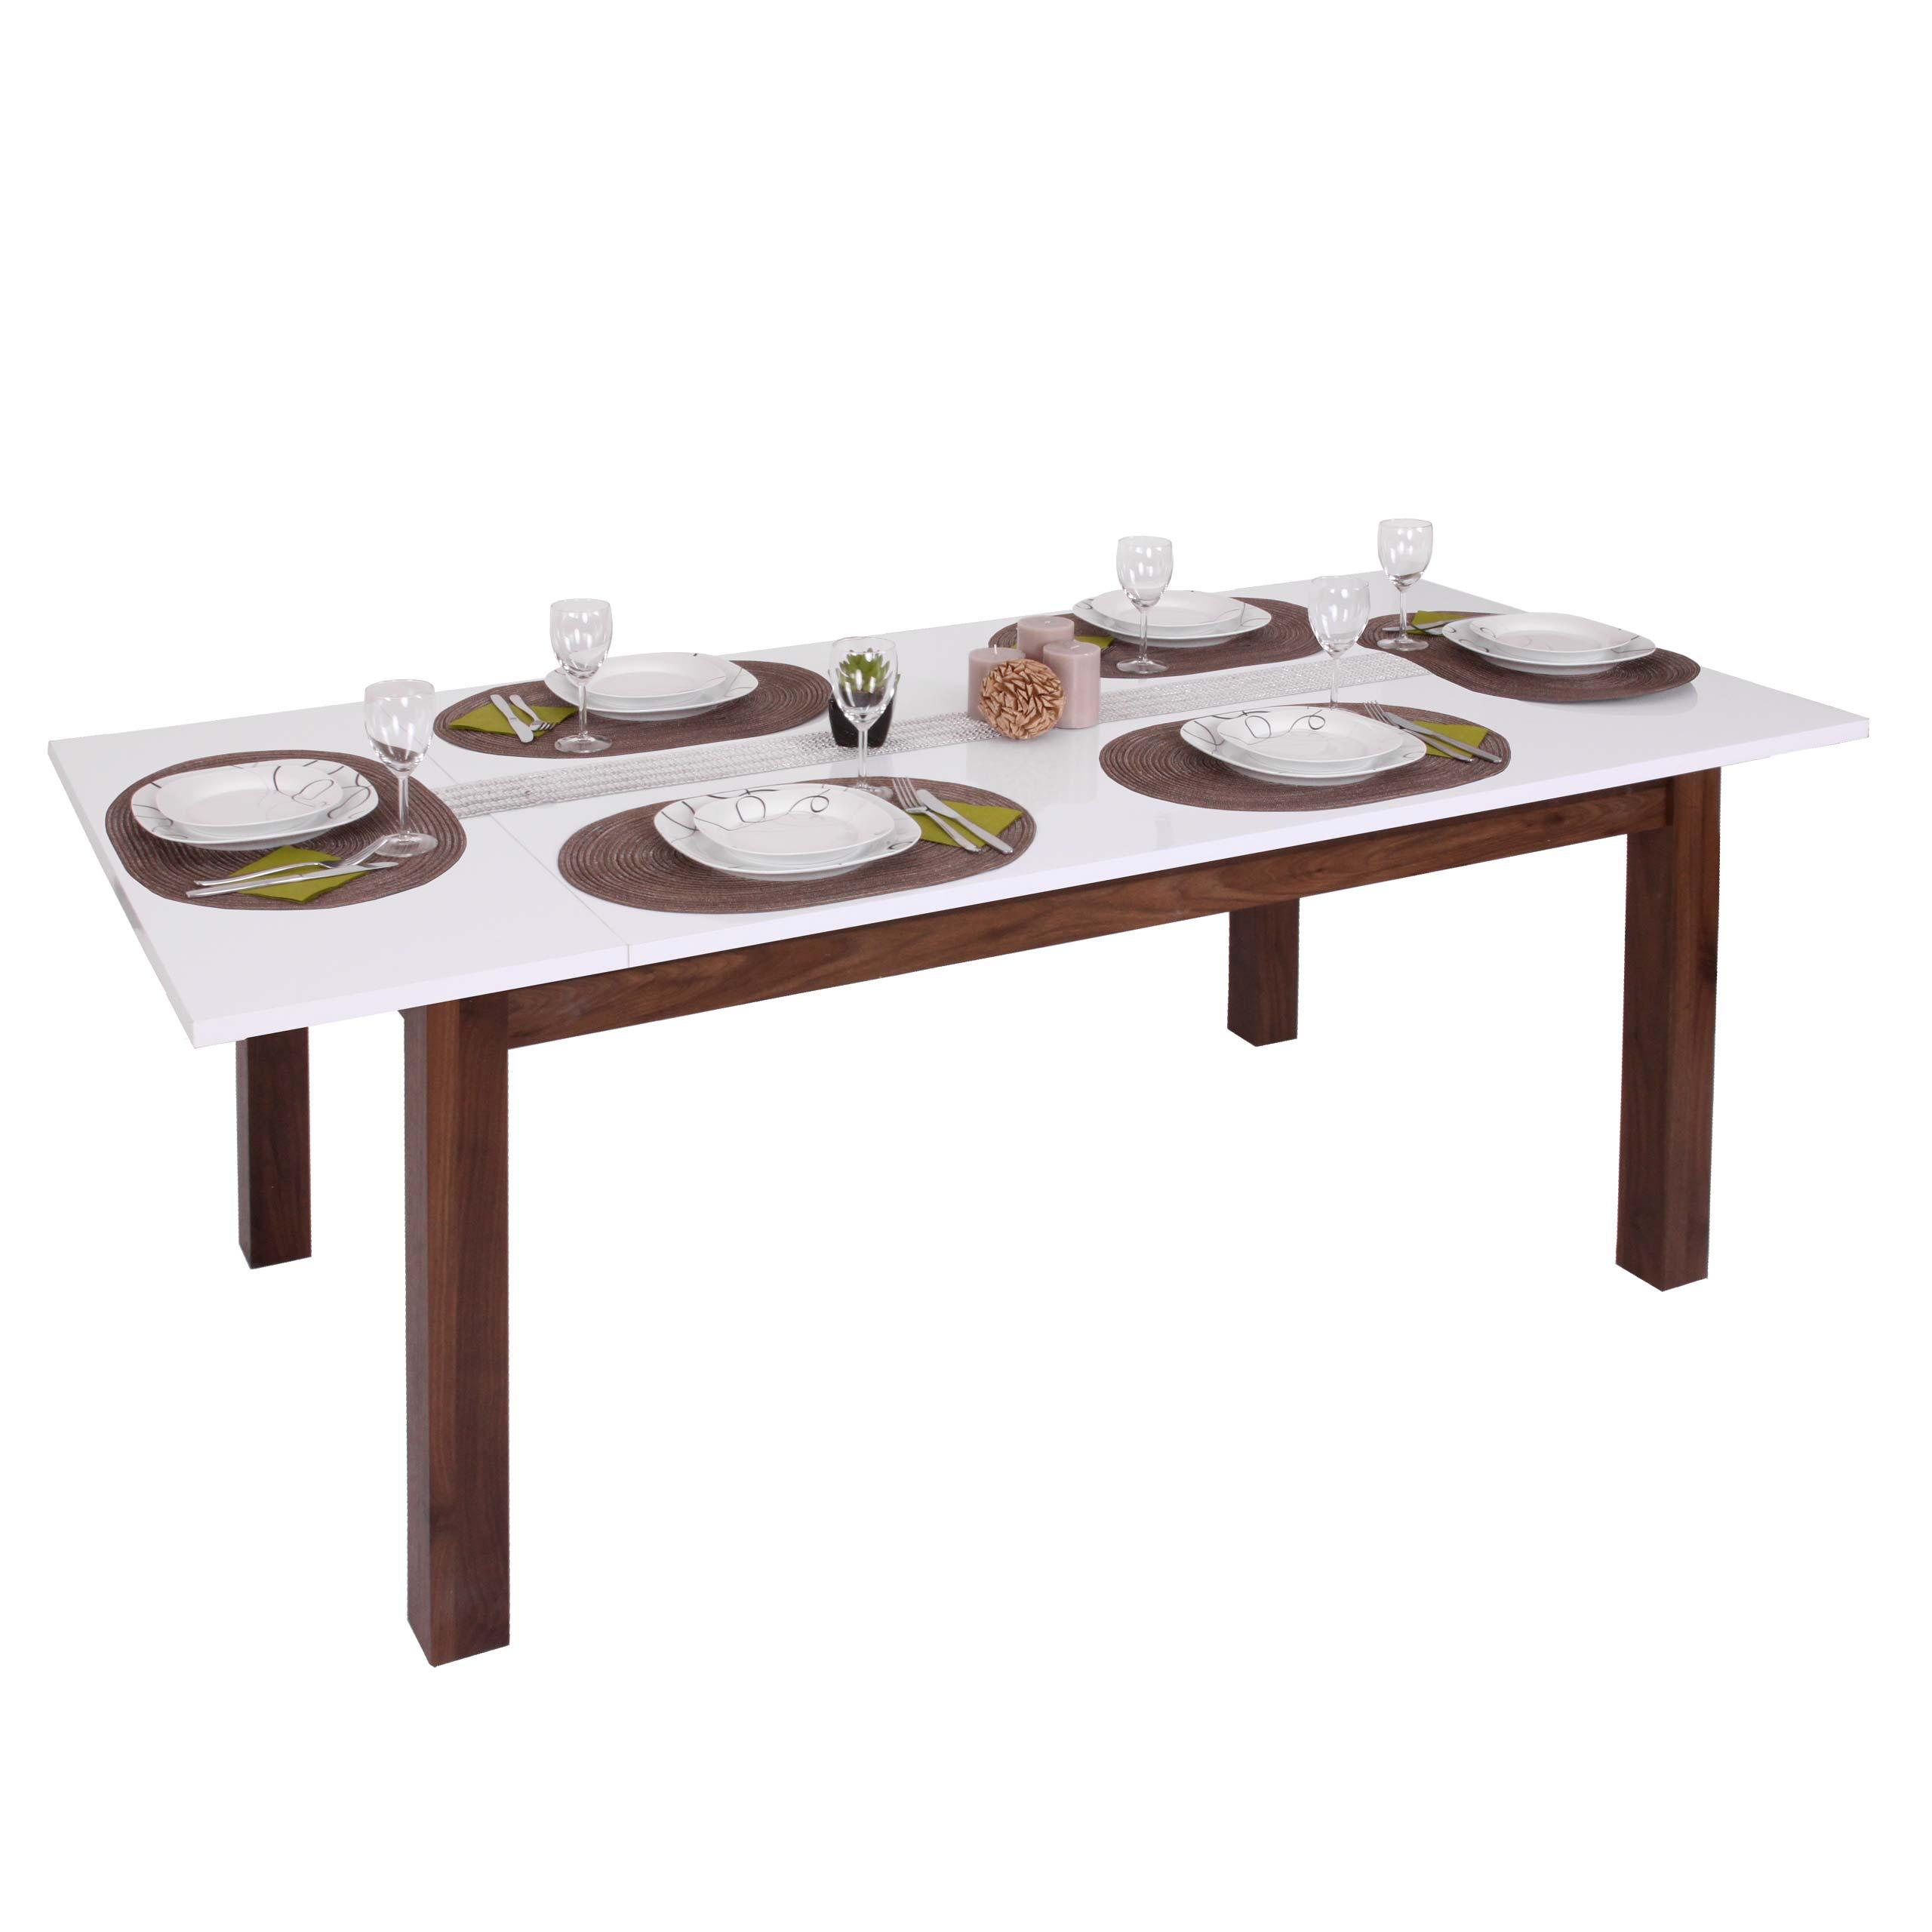 Esstisch Hwc B51 Esszimmertisch Tisch Ausziehbar Hochglanz Walnuss Optik 160 200x90cm